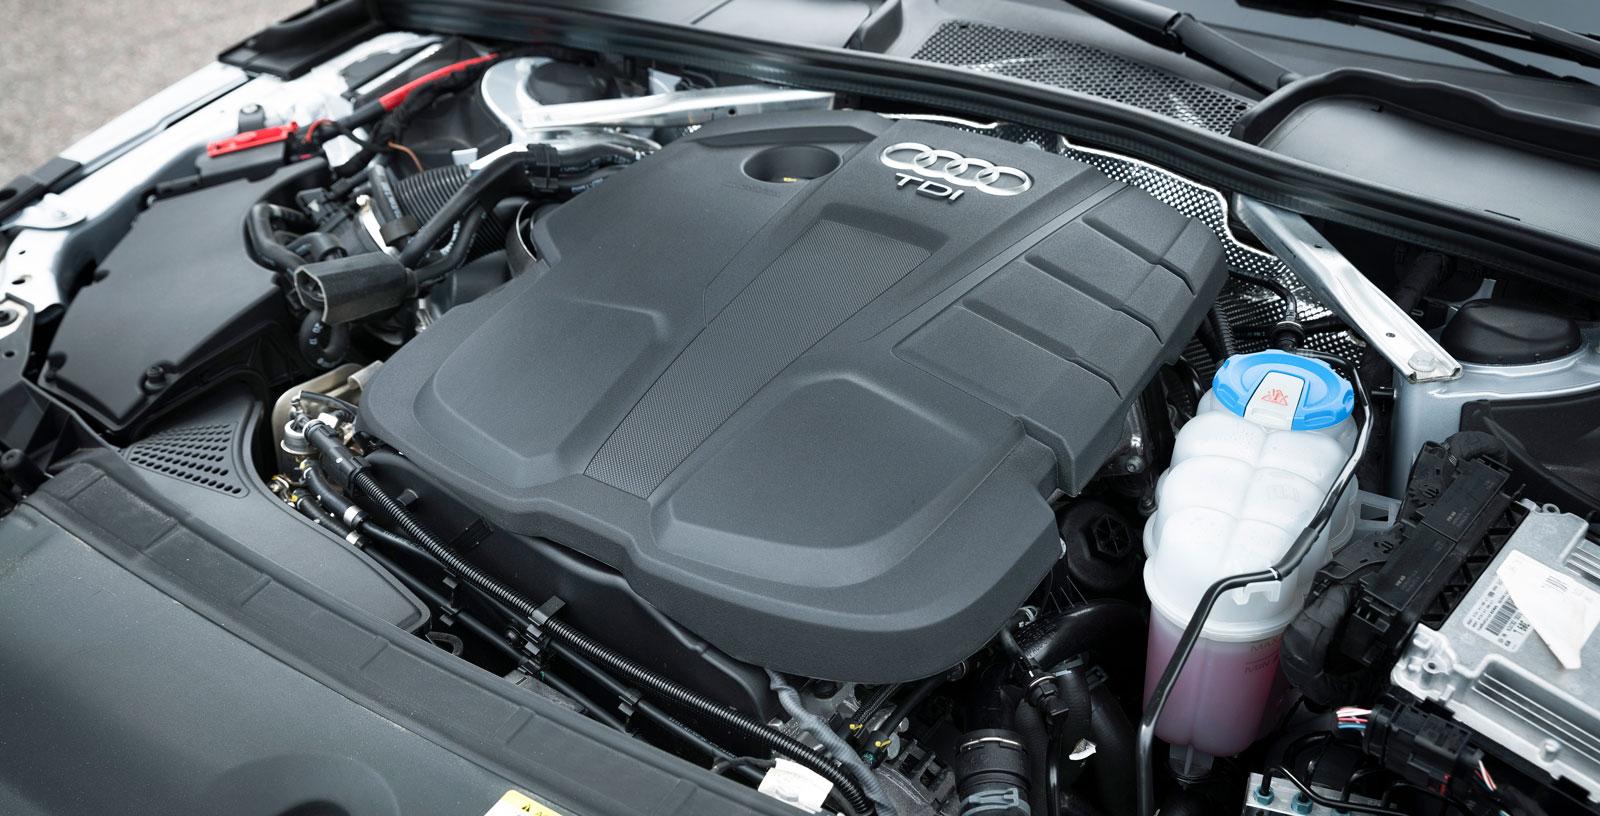 Audis dieselfyra är förstås den samma som i VW men längsmonterad. Stark och snål i alla lägen och till skillnad från VW är samarbetet med DSG-lådan utmärkt avstämt och motorljudet under belastning klart lägre.